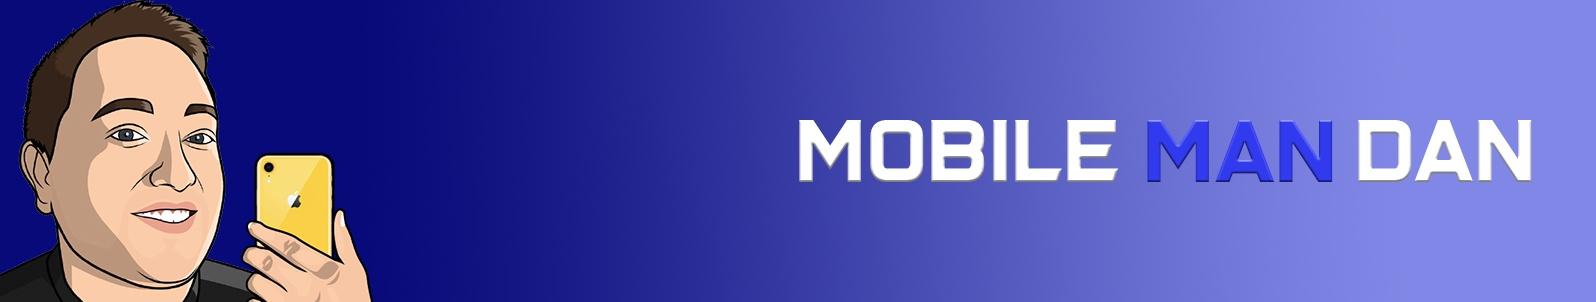 MobileManDan